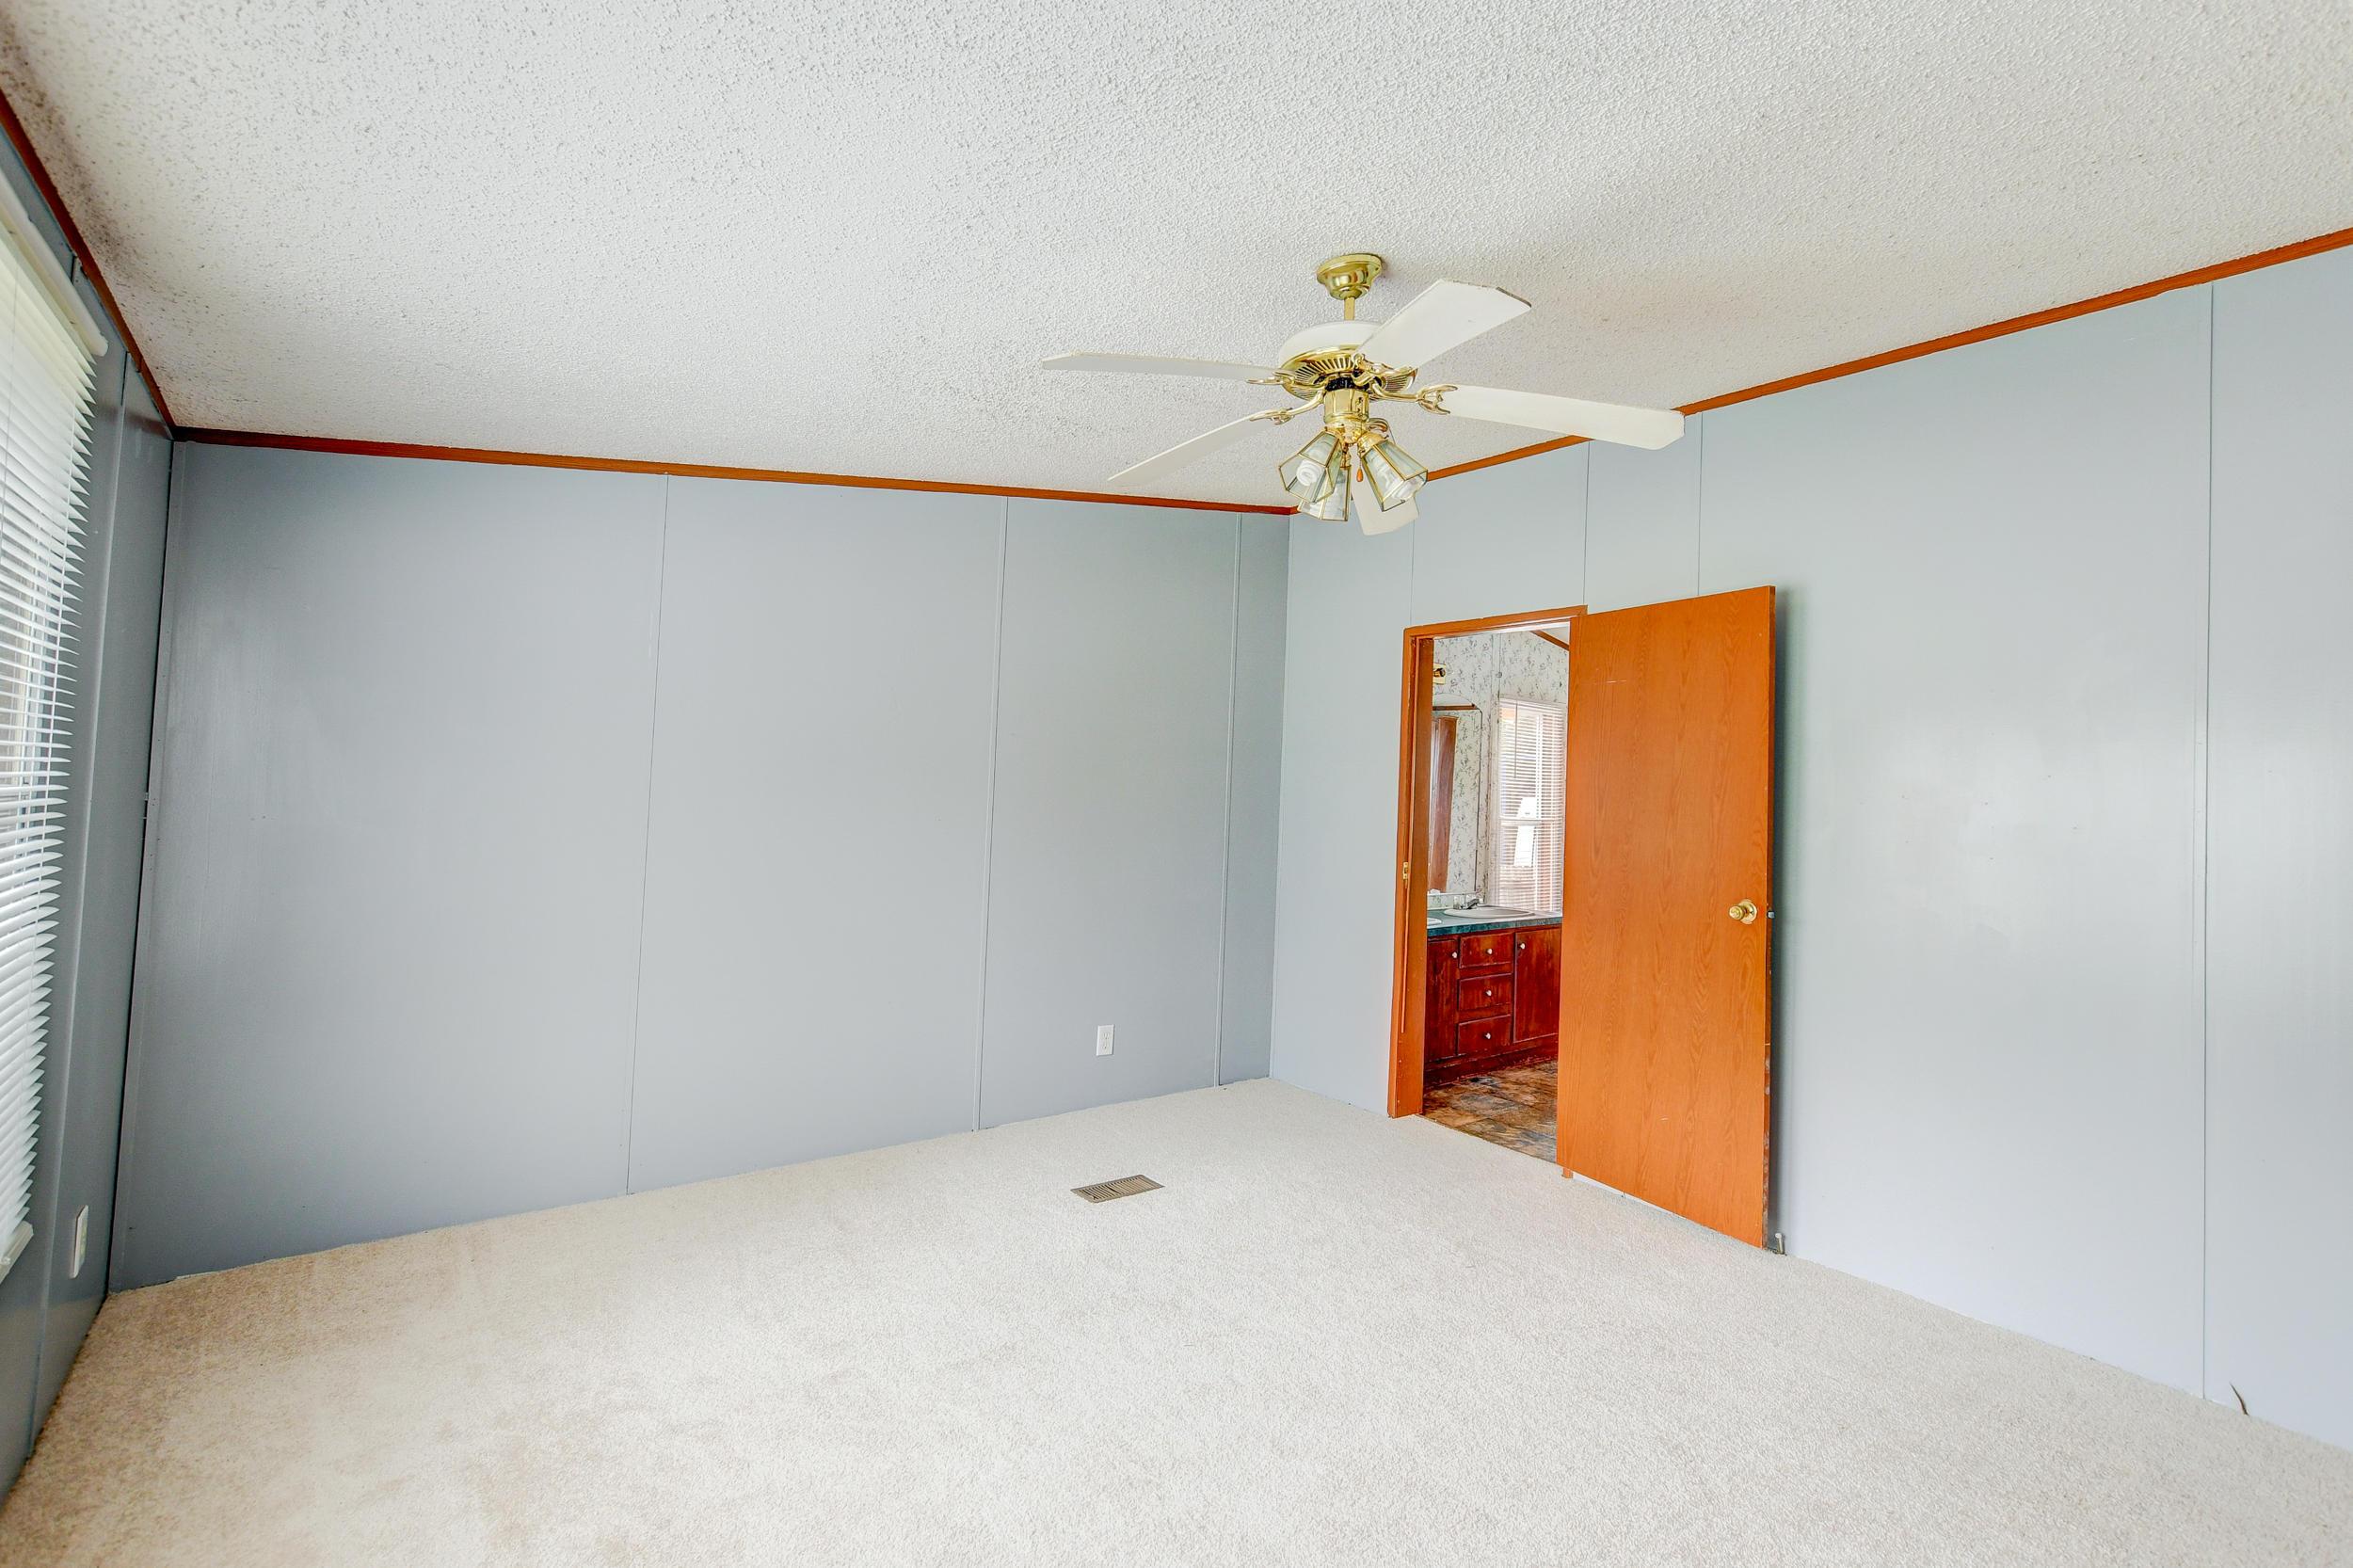 Clemson Terrace Homes For Sale - 123 Colkitt, Summerville, SC - 23